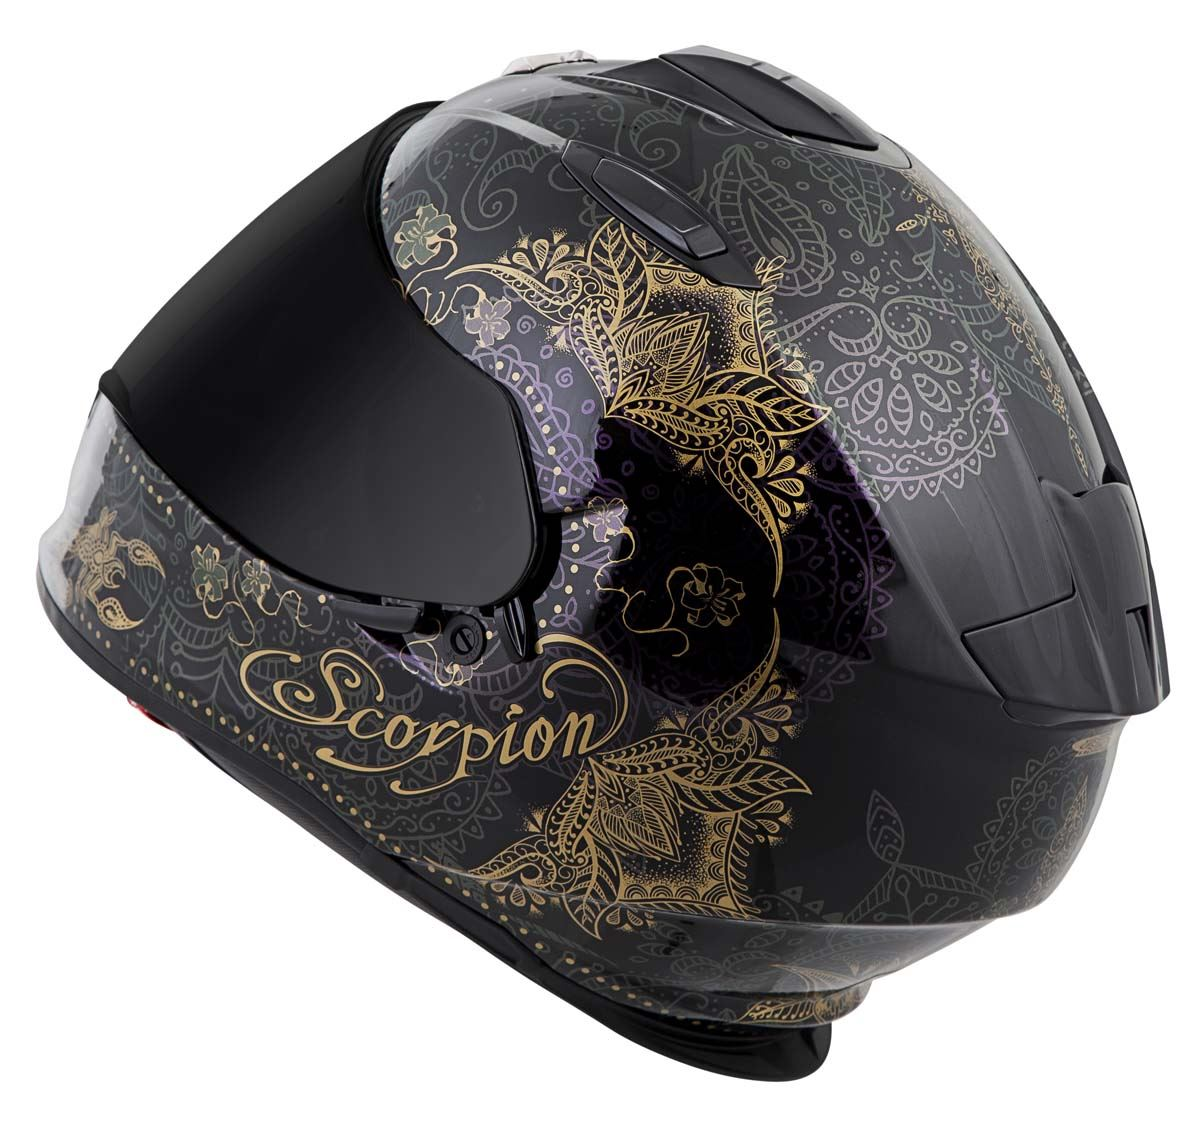 Scorpion-EXO-T510-Helmet-Full-Face-DOT-Approved-Inner-Sun-Shield miniature 67